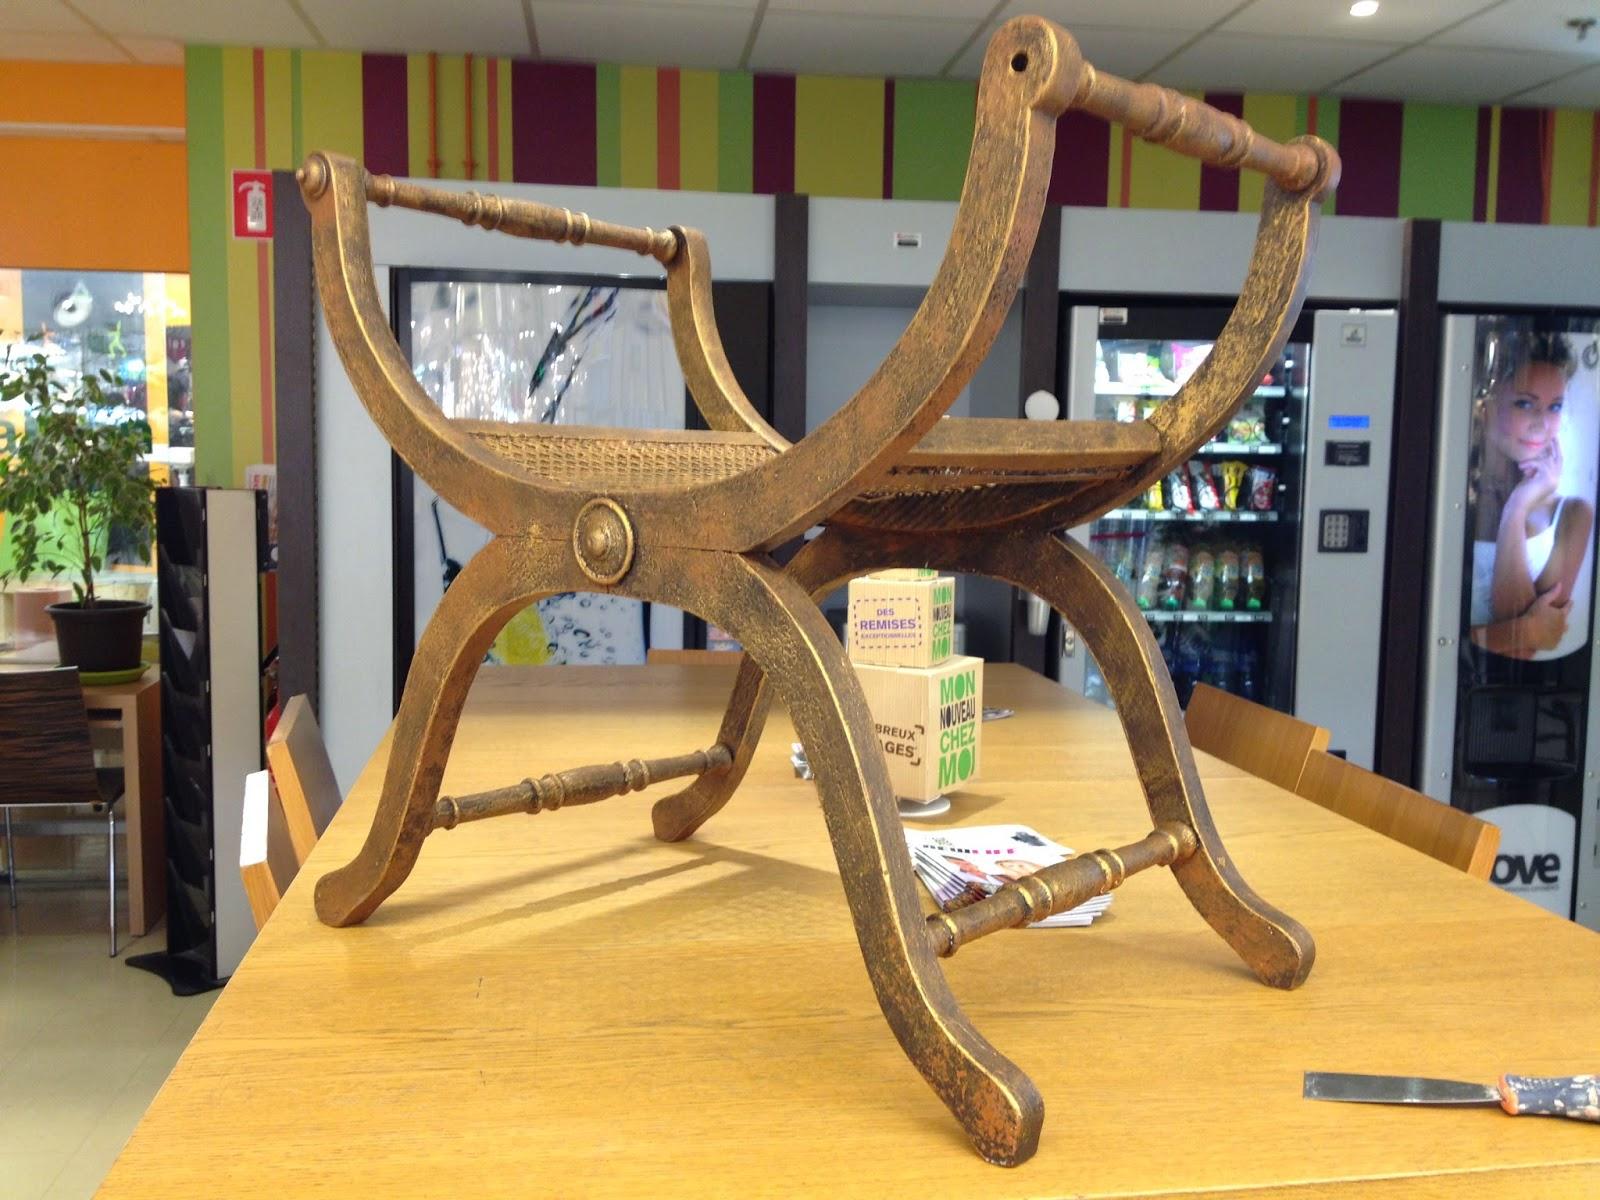 Peinture sur meuble finition effet rouille et patine or - Peinture effet patine ...